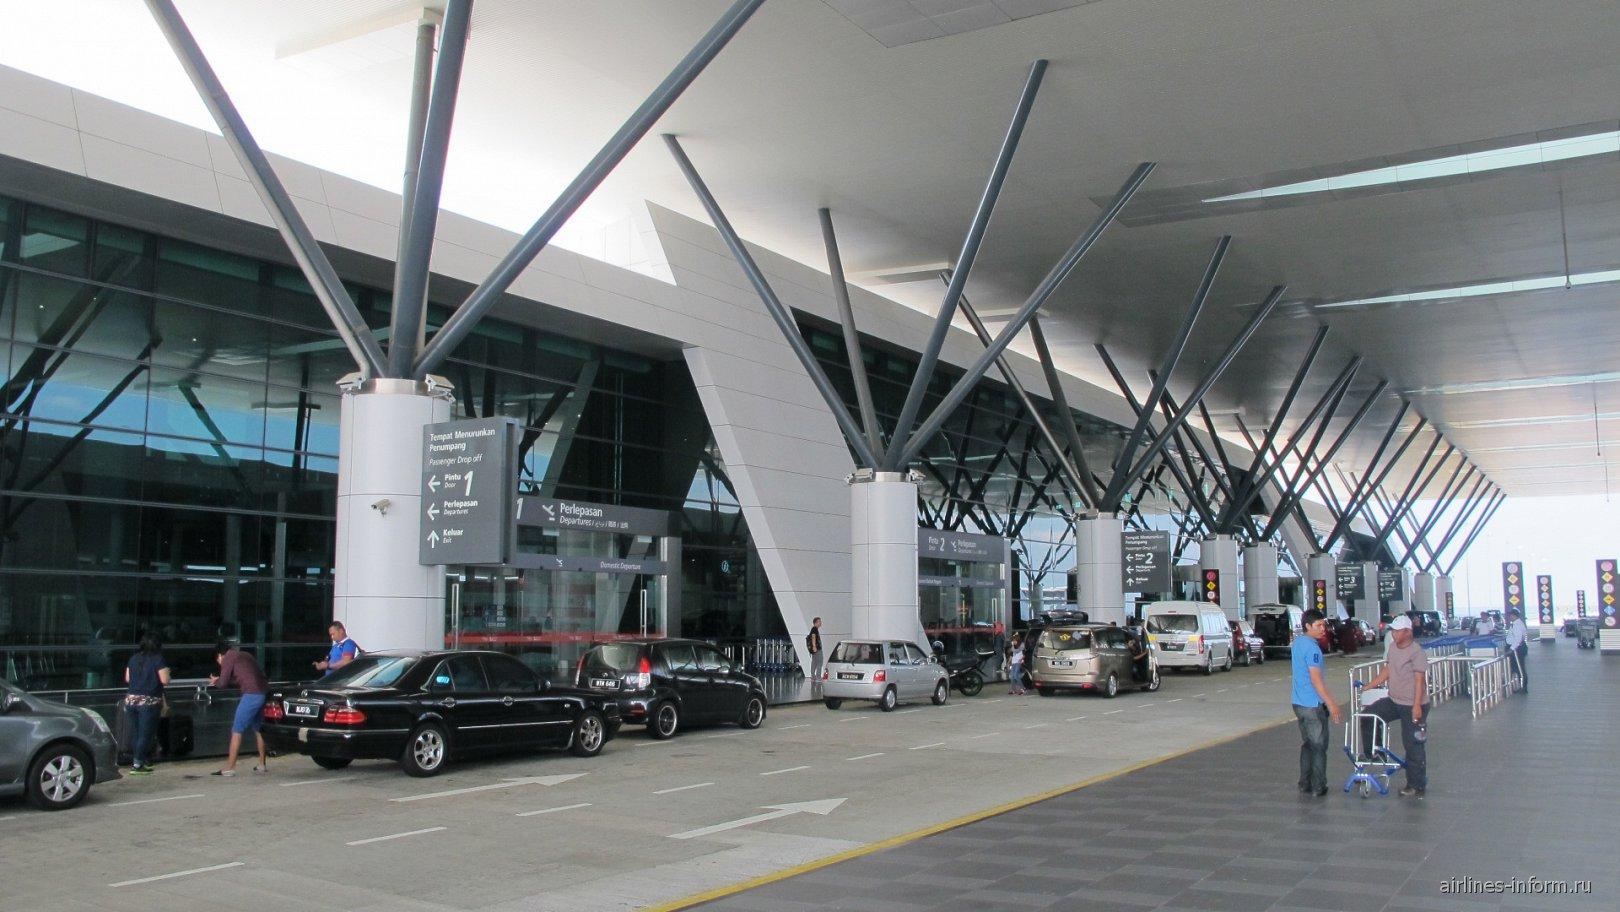 Вход в лоукост-терминал KLIA2 аэропорта Куала-Лумпур